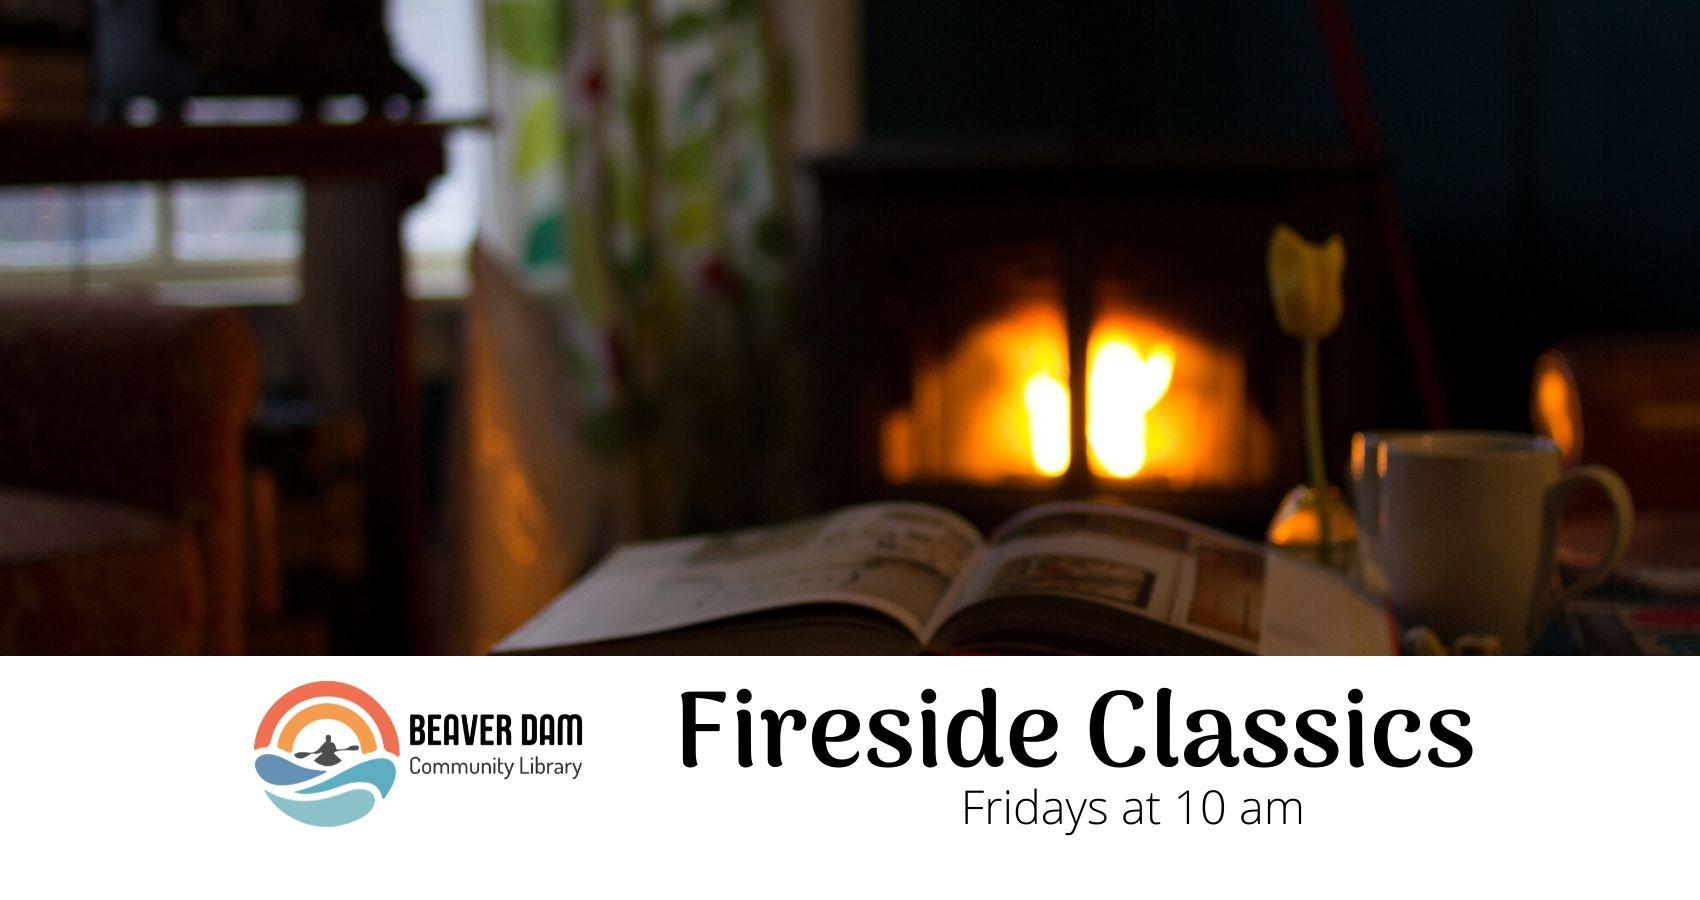 Fireside Classics